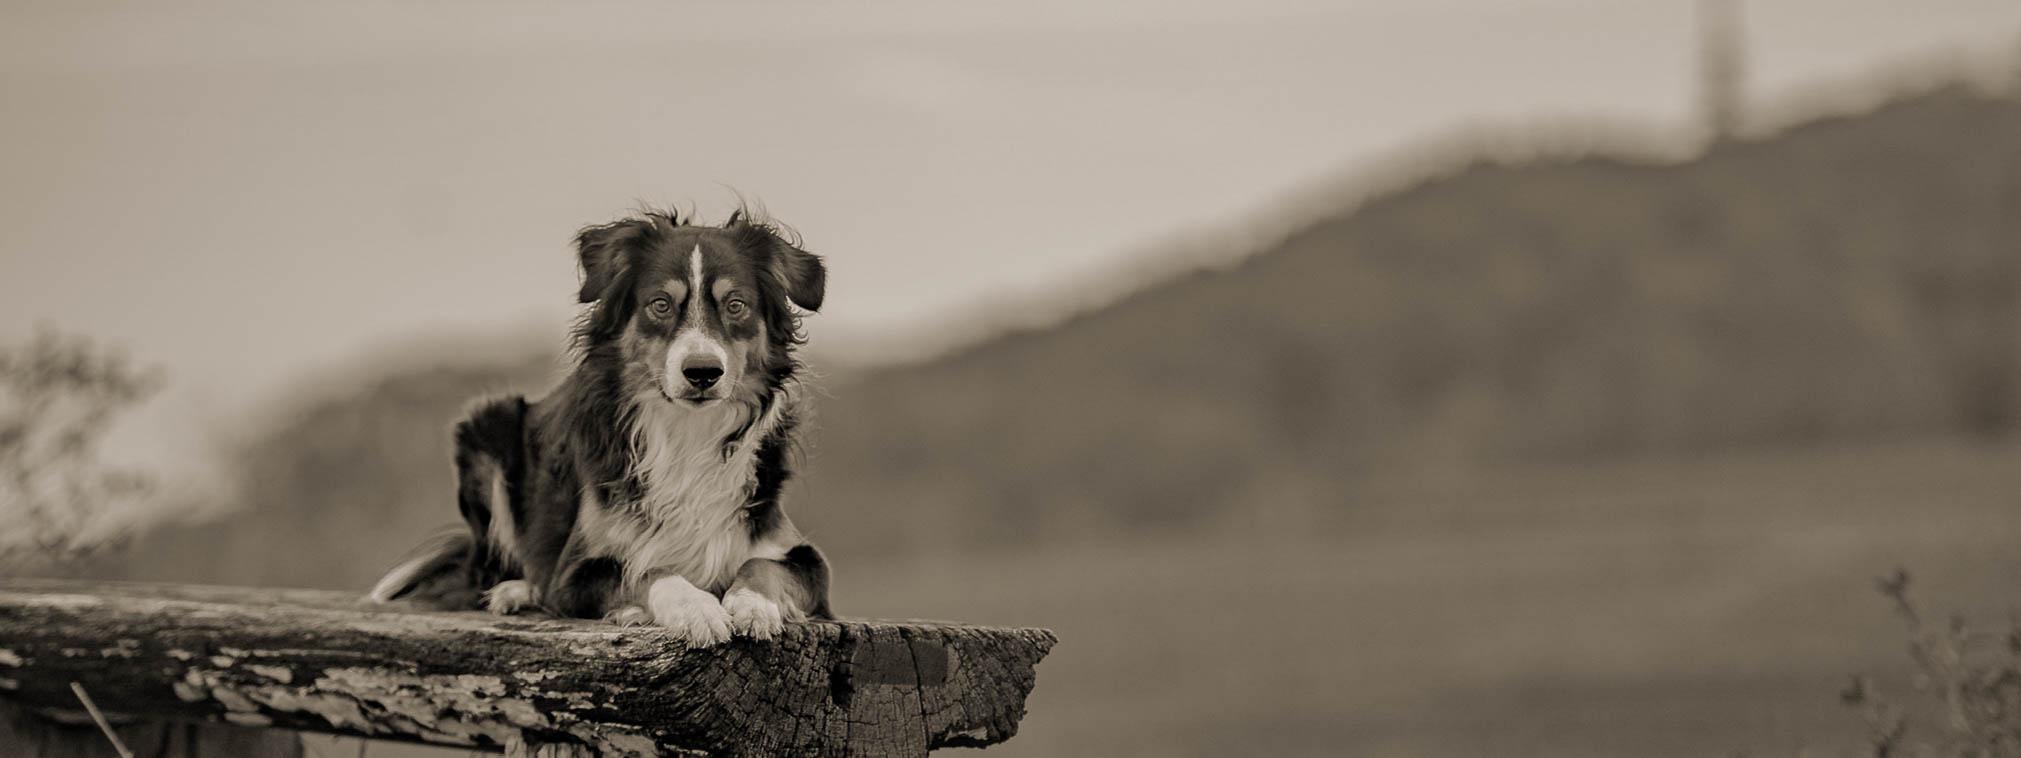 Ein Hund sitzt auf einer Bank auf einem Berg